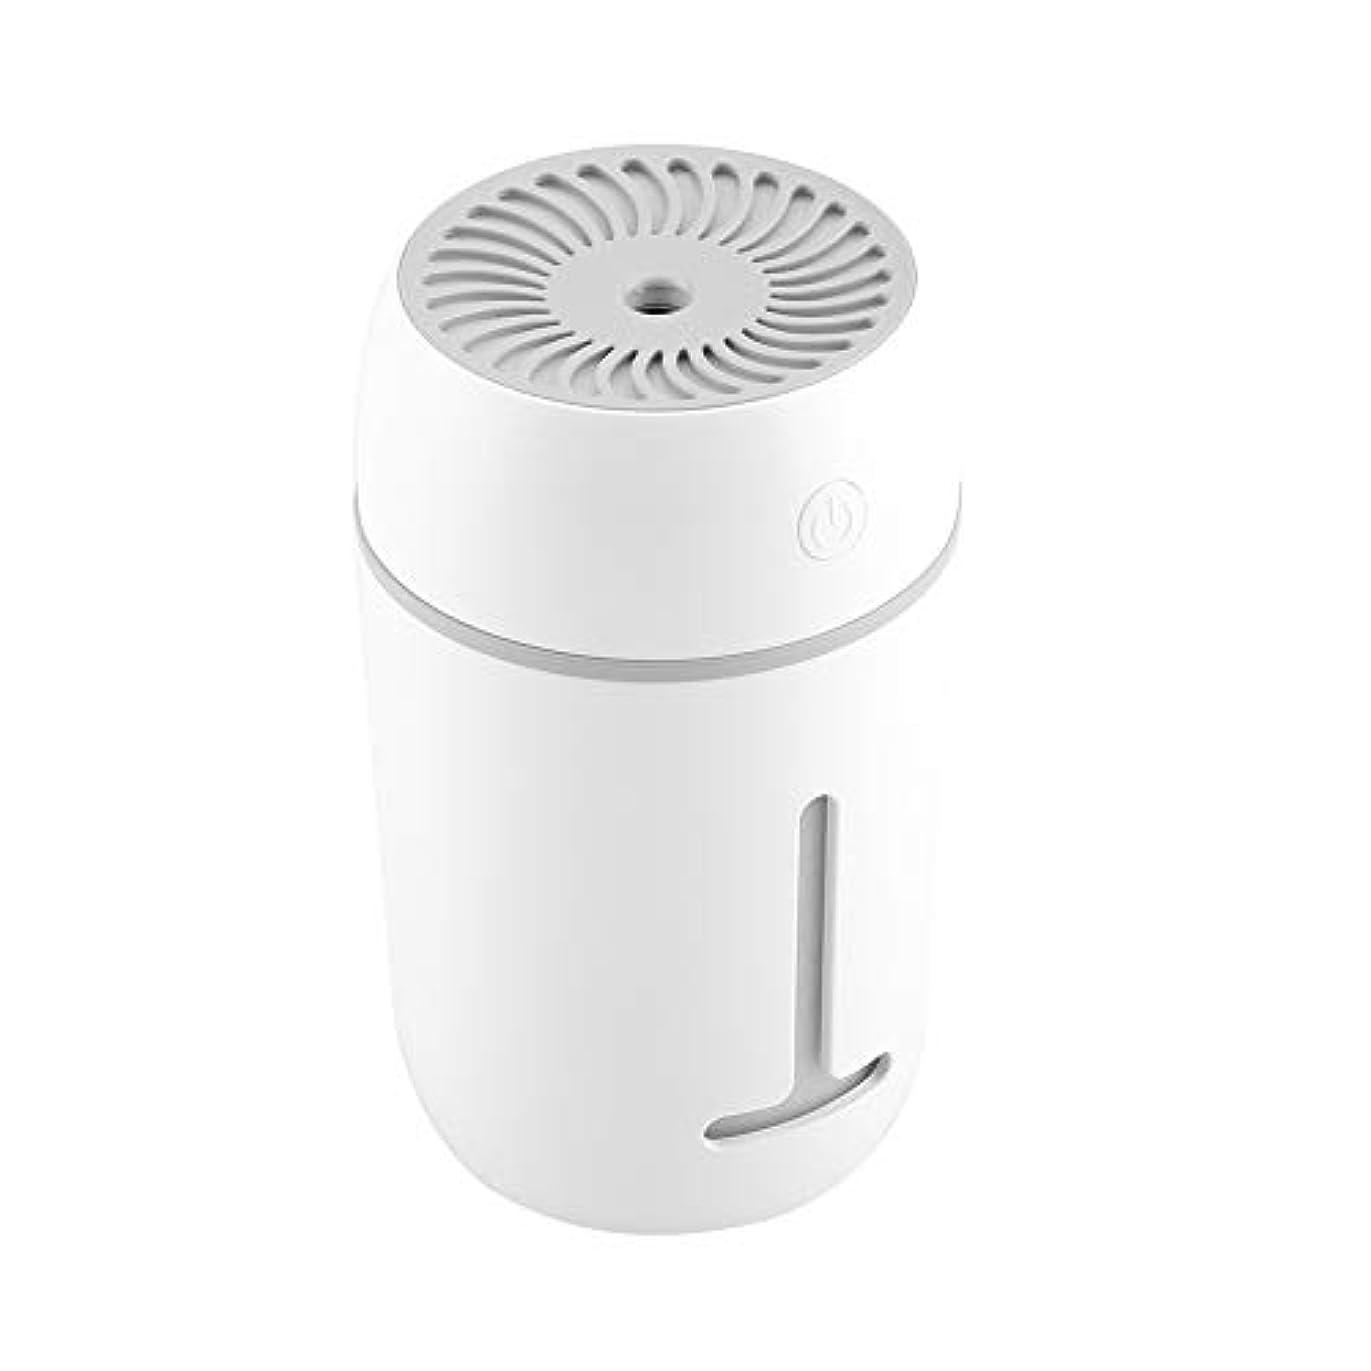 勤勉なバランス横に携帯用加湿器、車のオフィスのためのUSBの再充電可能な携帯用超音波加湿器の拡散器7色LEDライト